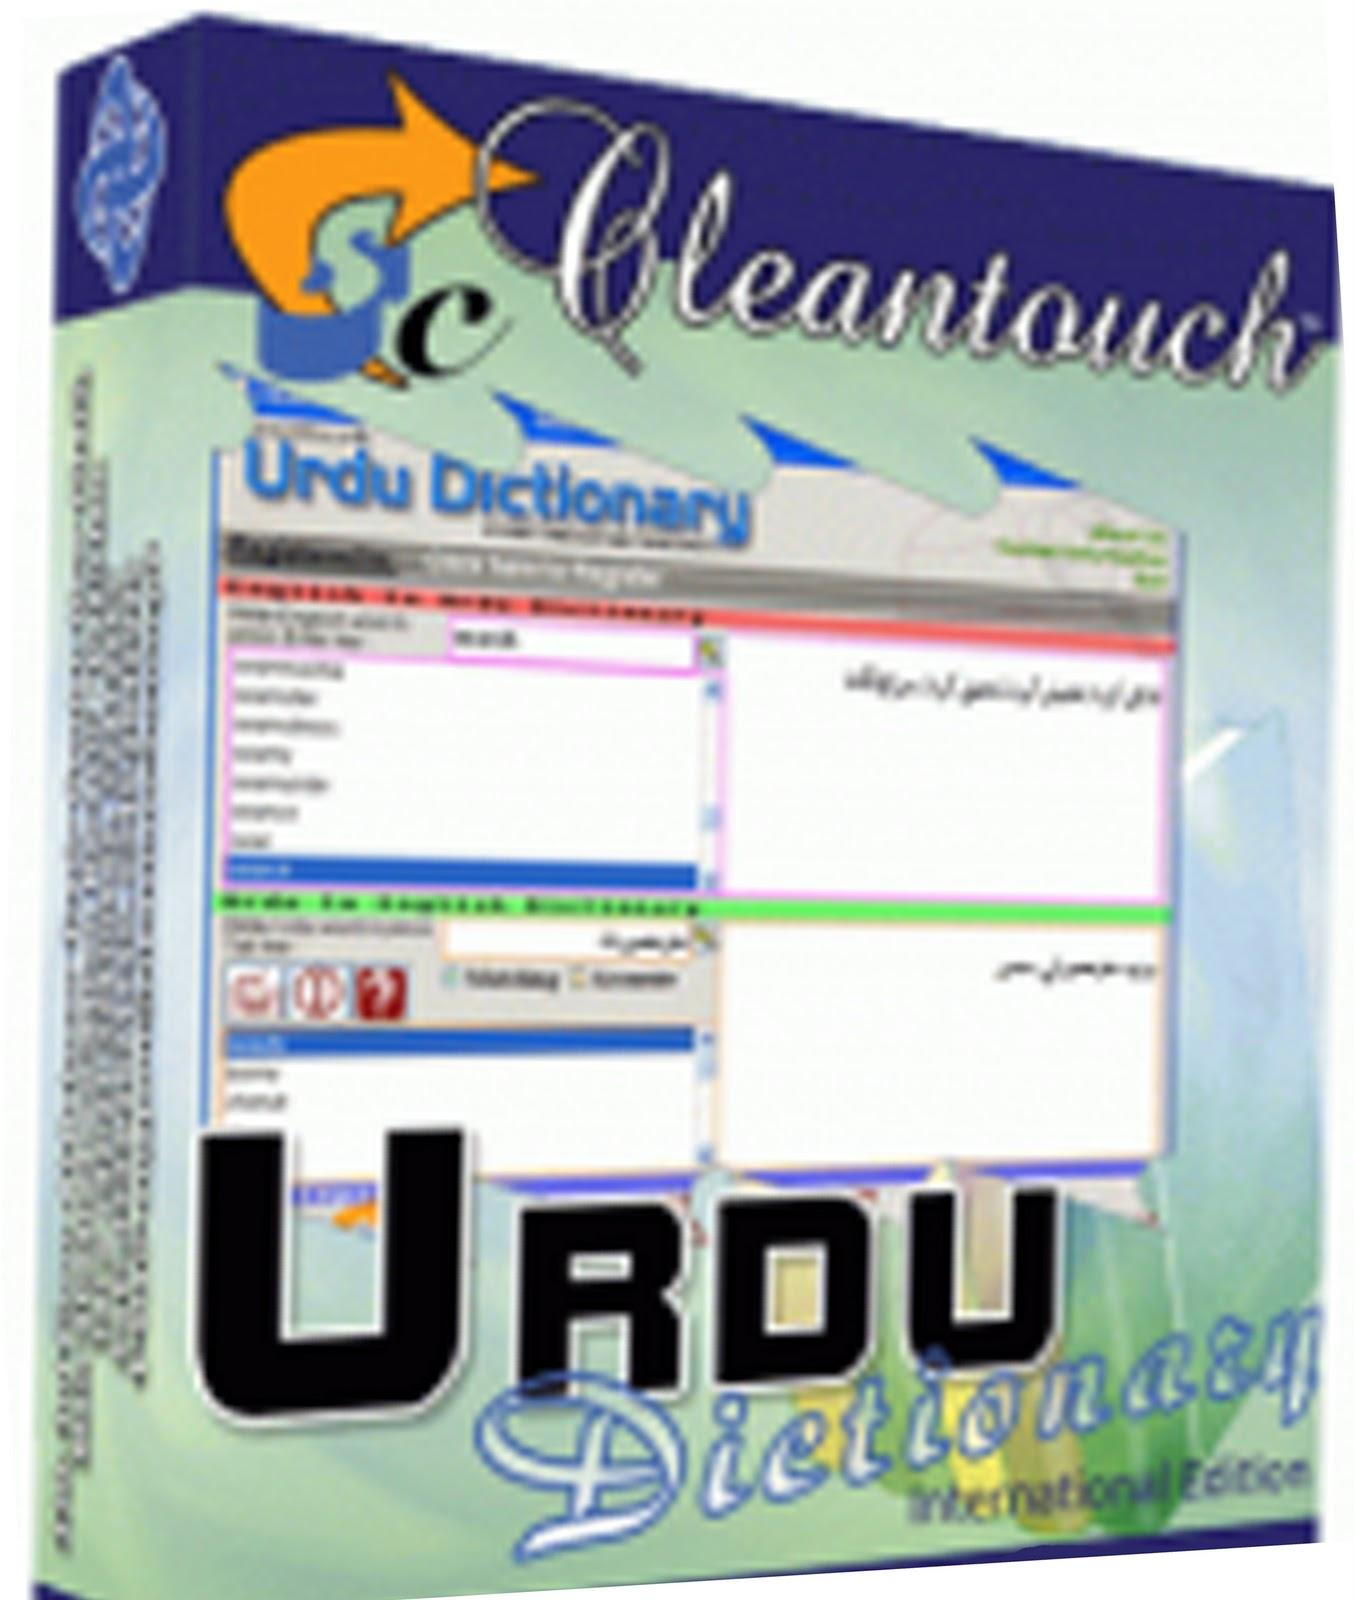 urdu to urdu dictionary download